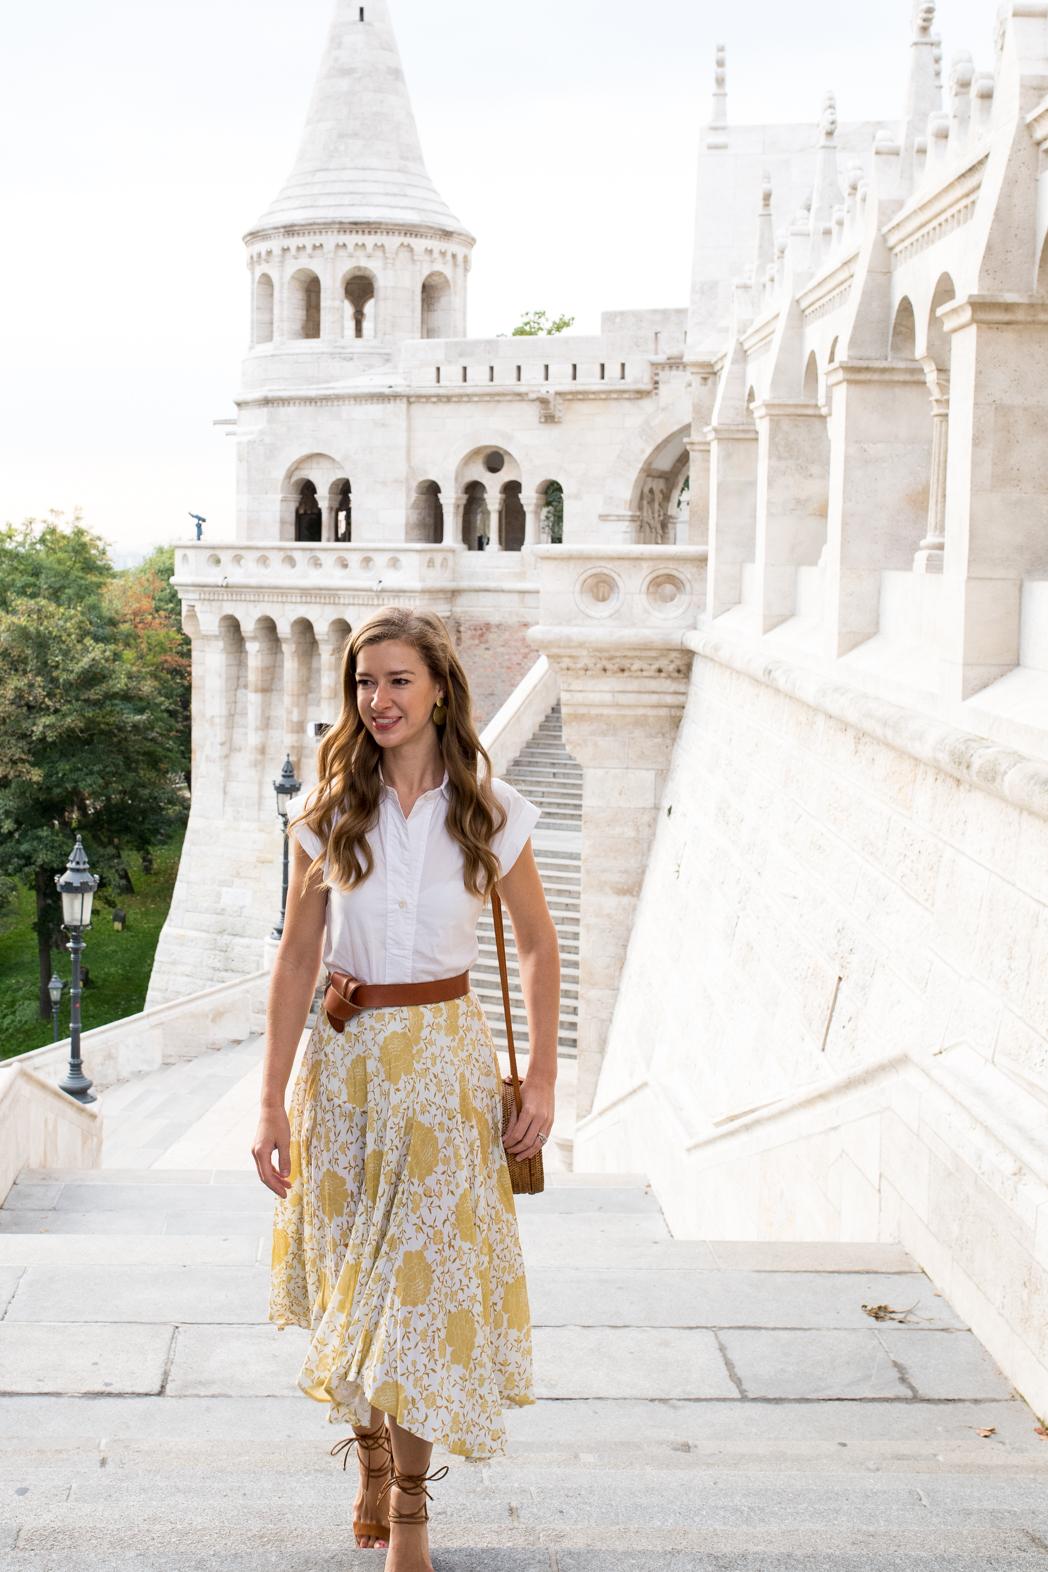 Stacie Flinner Top 10 Things Budapest-37.jpg